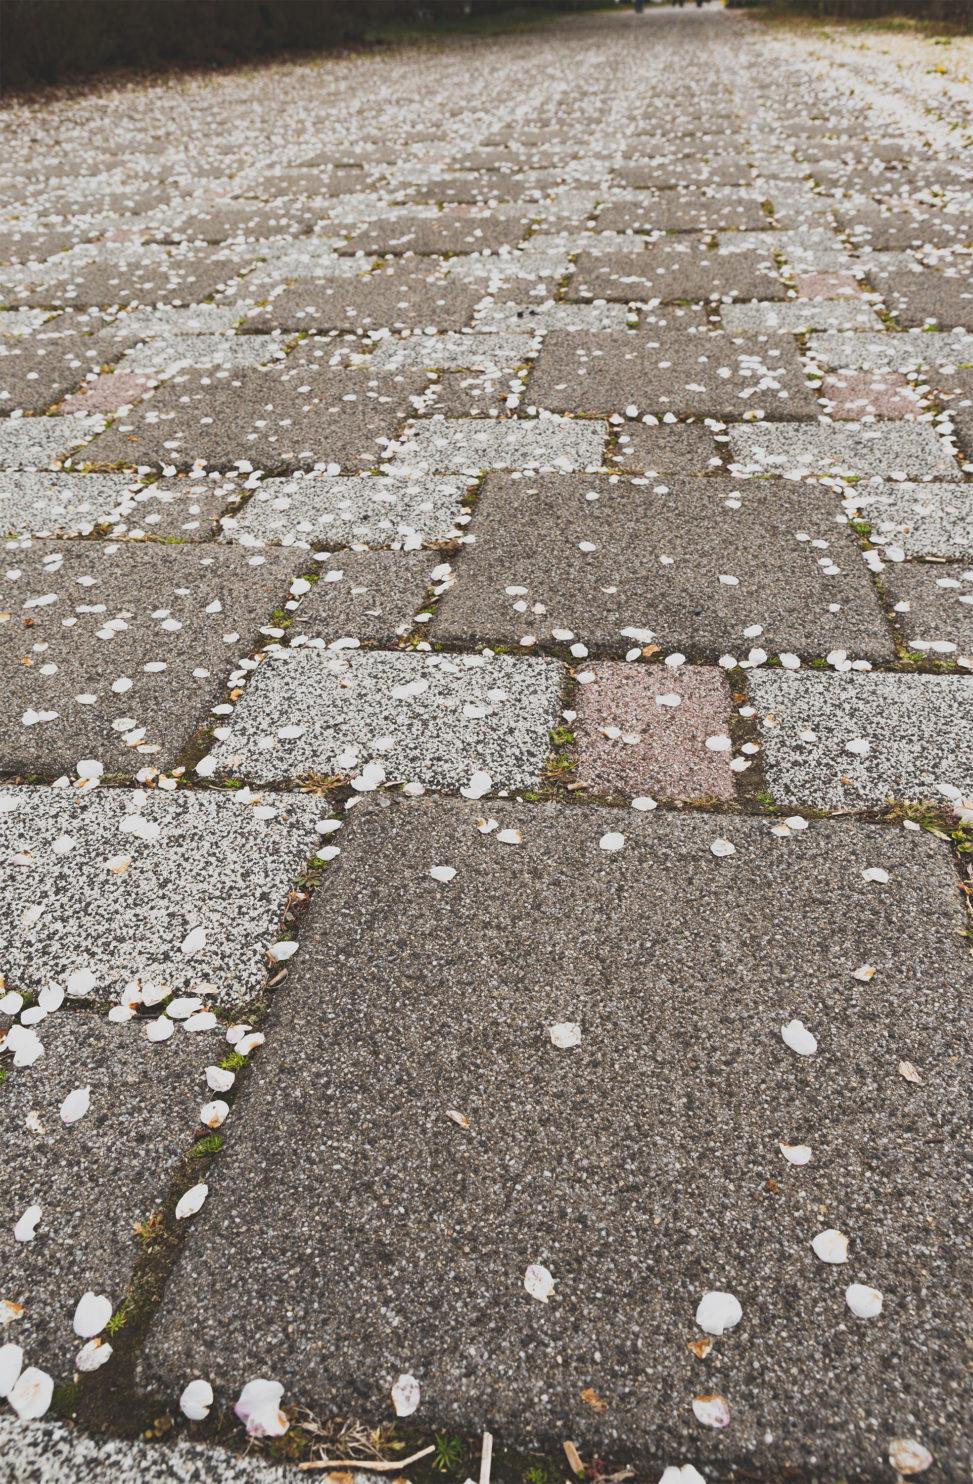 アスファルトと散った桜の花びら のフリー写真素材